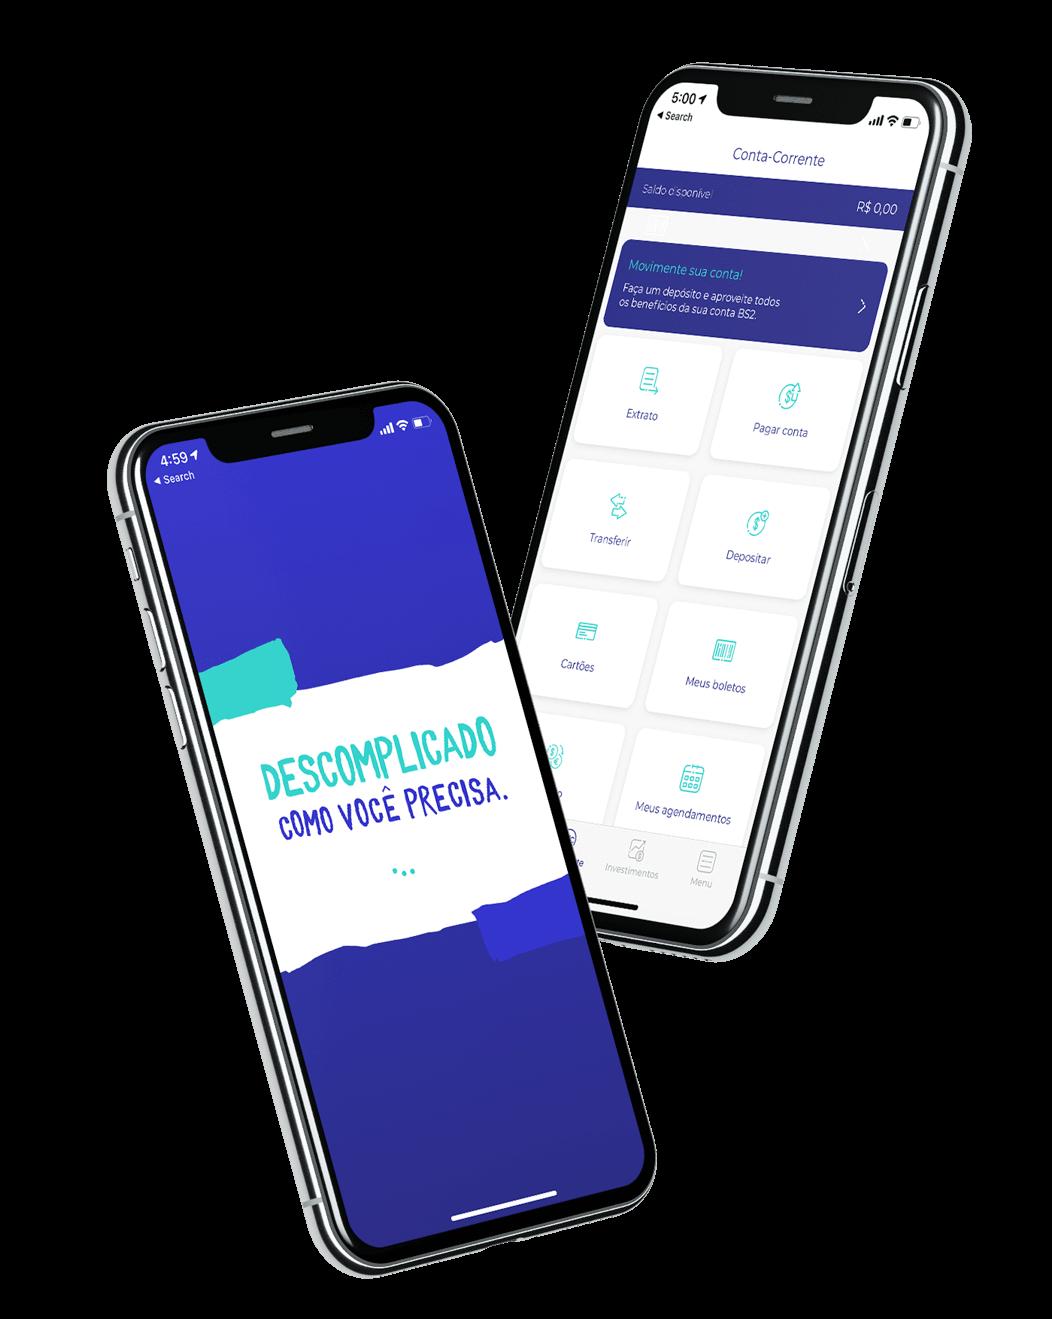 Banco Bs2 Tem Mais Quem Tem Bancada Aplicativos Android Pagamento De Contas